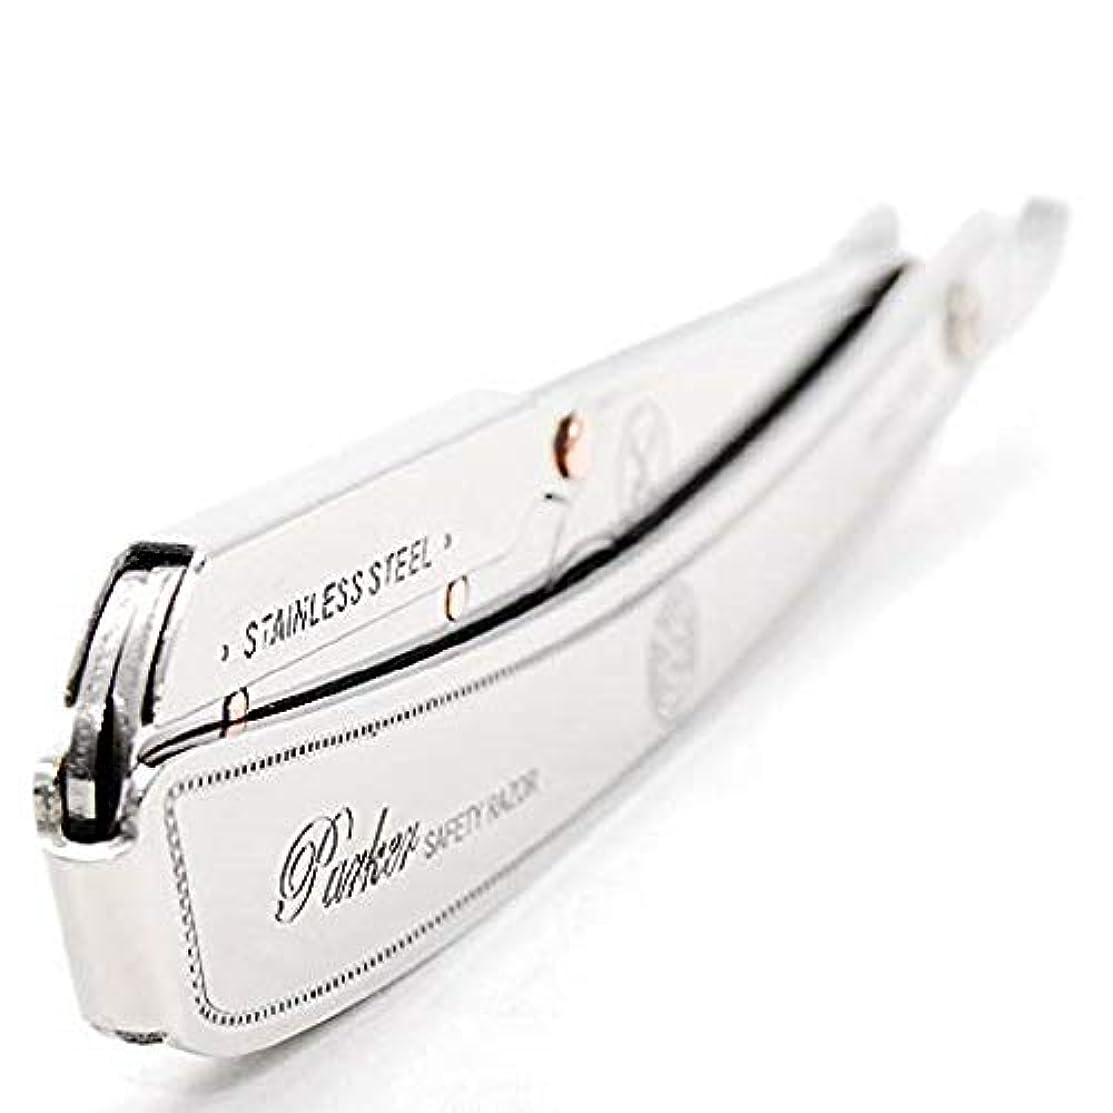 結核不運許すパーカー(Parker) SRX 剃刀 プロ用 替刃100枚の2点セット [並行輸入品]